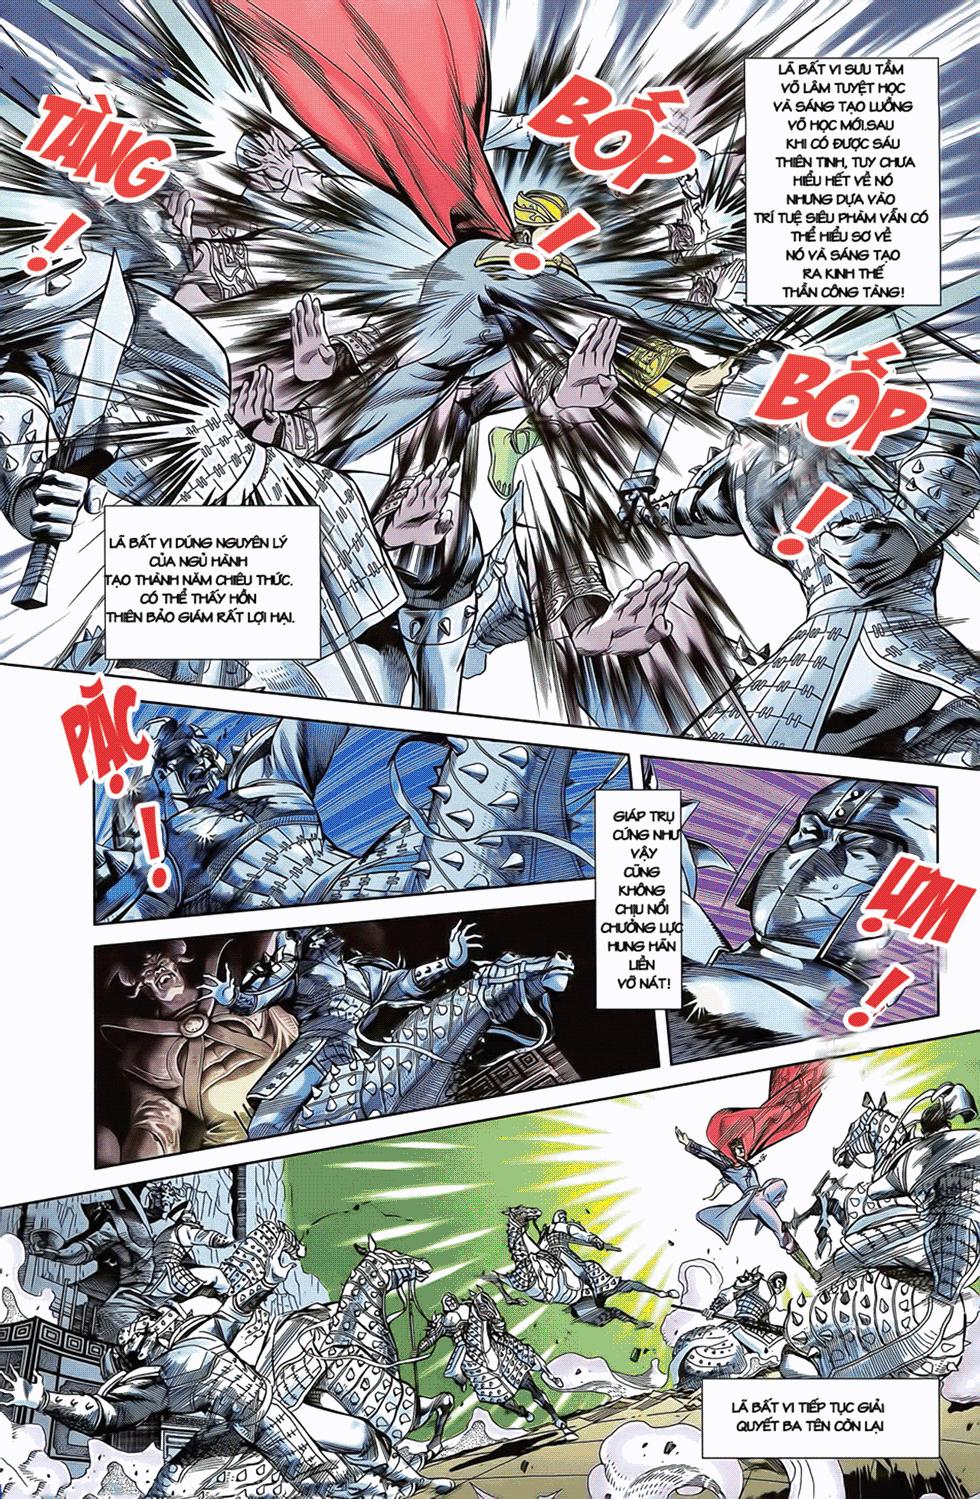 Tần Vương Doanh Chính chapter 5 trang 16